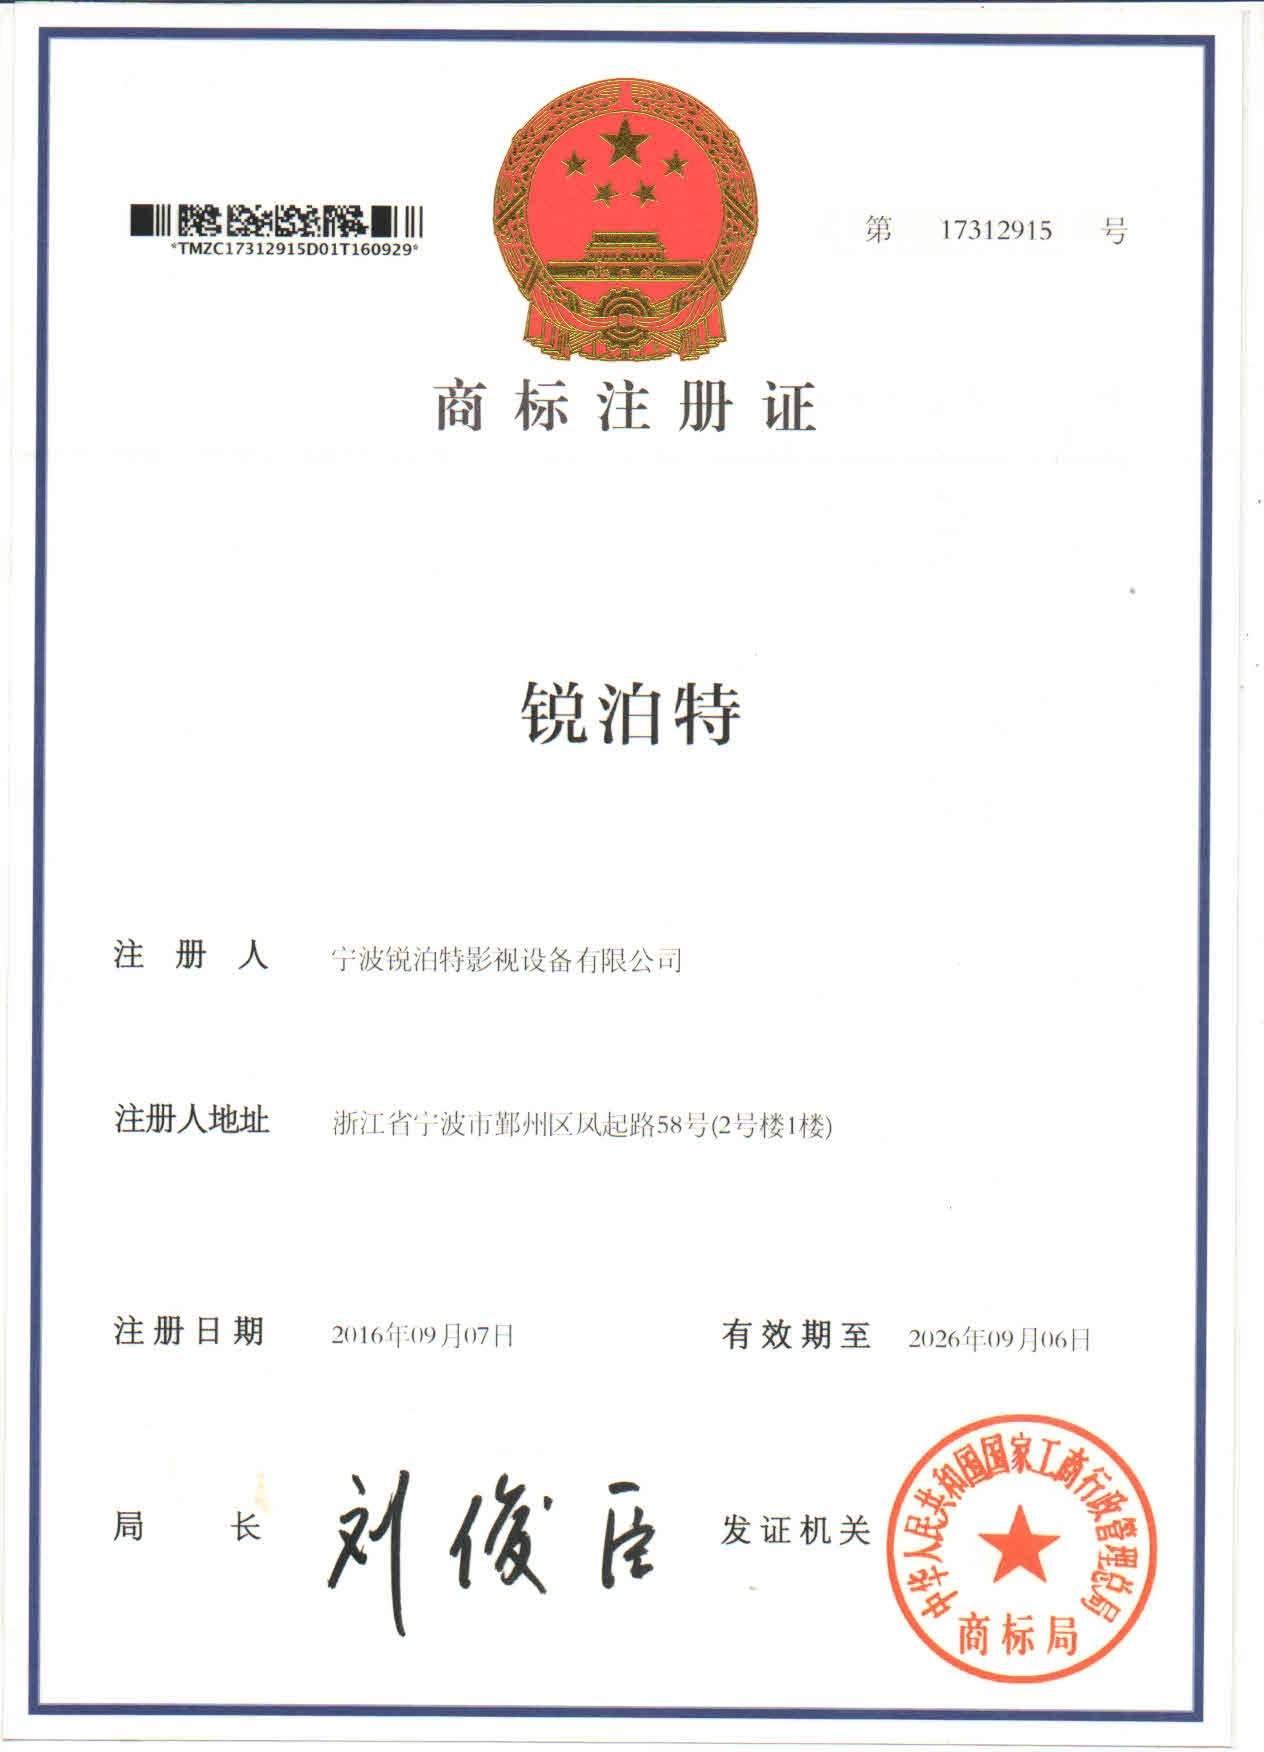 艾孚图荣获商标注册证